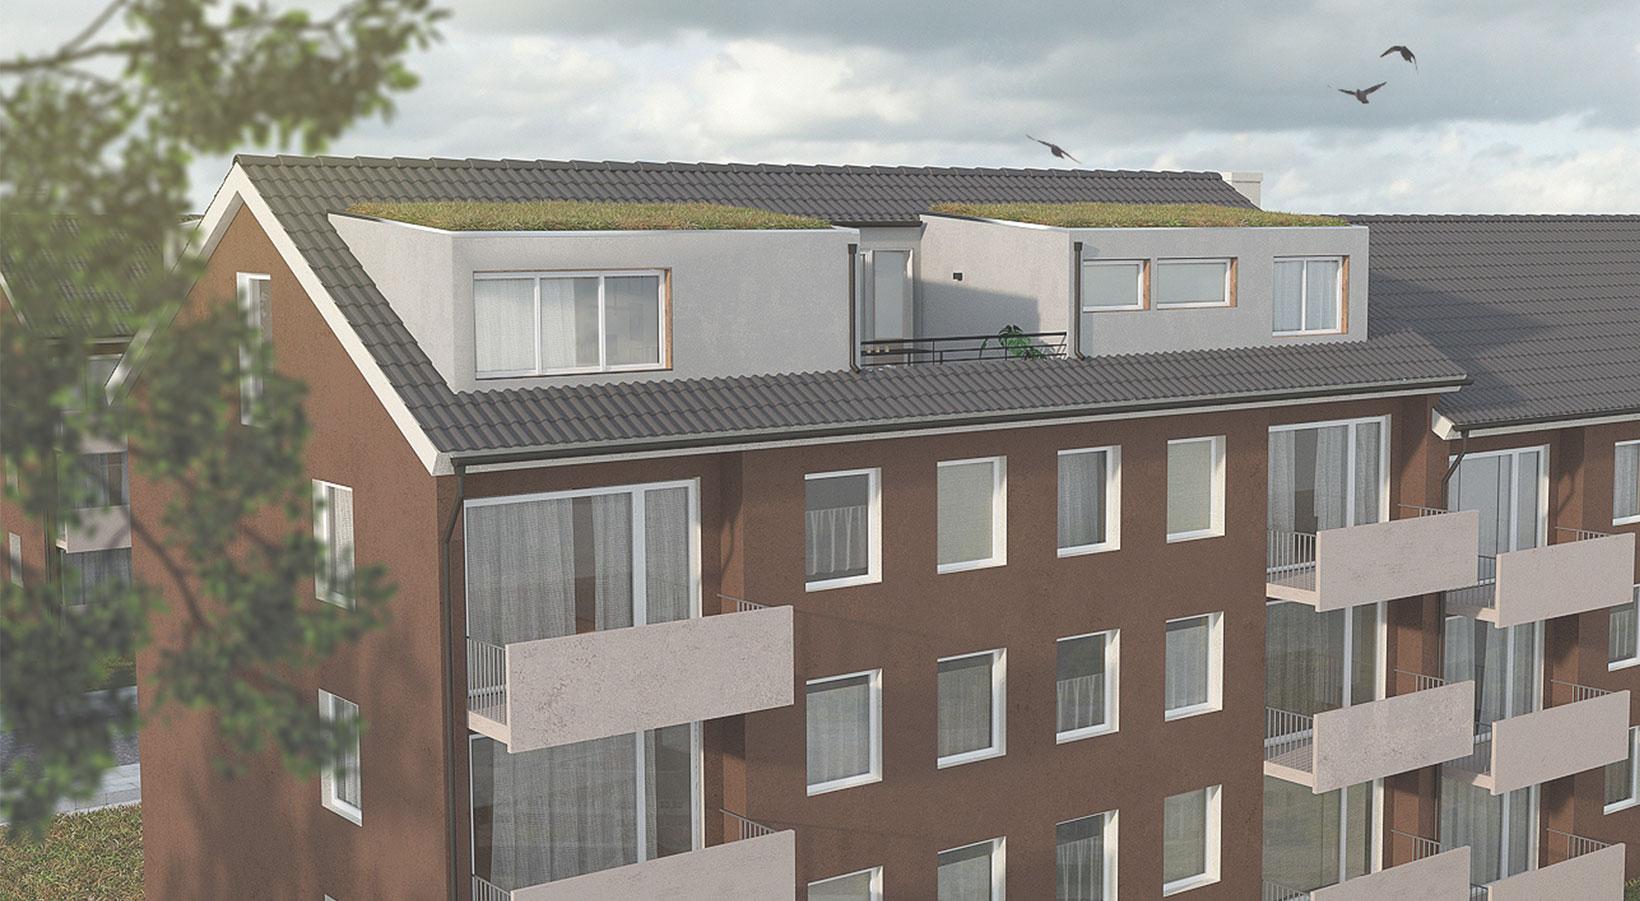 Dachgeschossausbau_1640x901_01